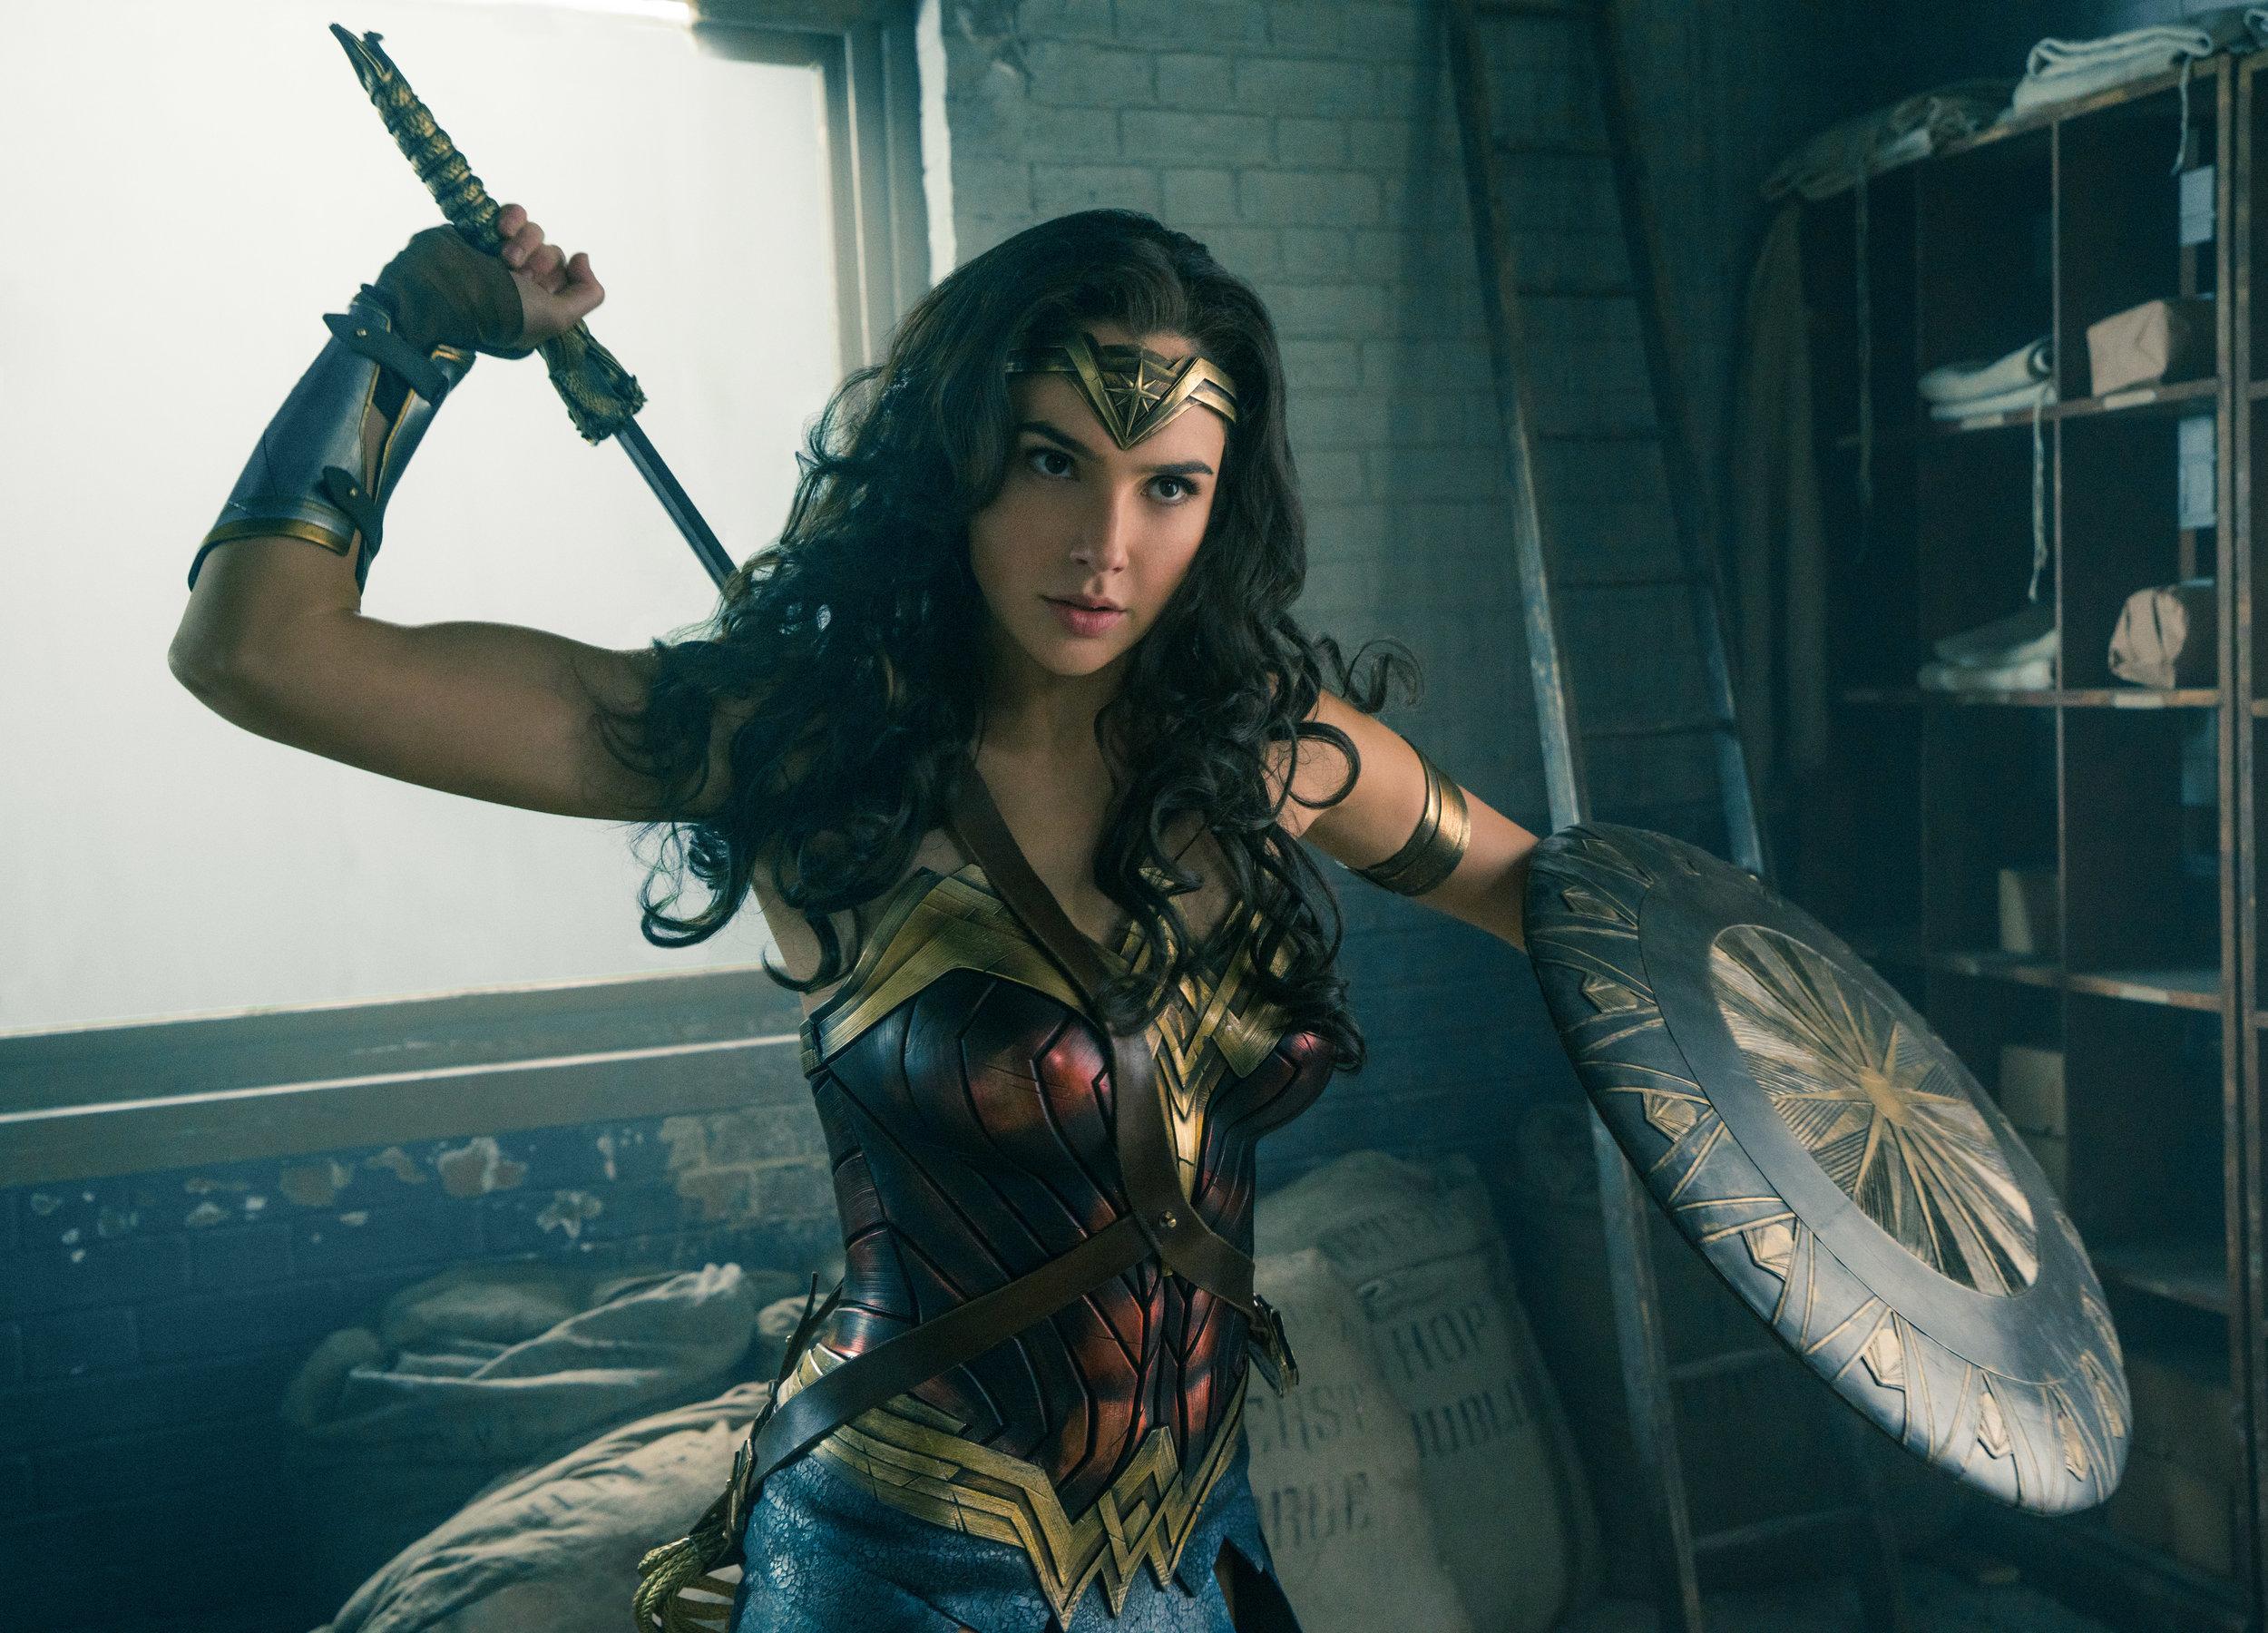 Diana Prince, alias Wonder Woman (Gal Gadot), bruker sverdet Gudedreperen, to armbånd som kan motstå kuler, en tiara som fungerer som prosjektil og et skjold for å prøve å stanse 1. verdenskrig.